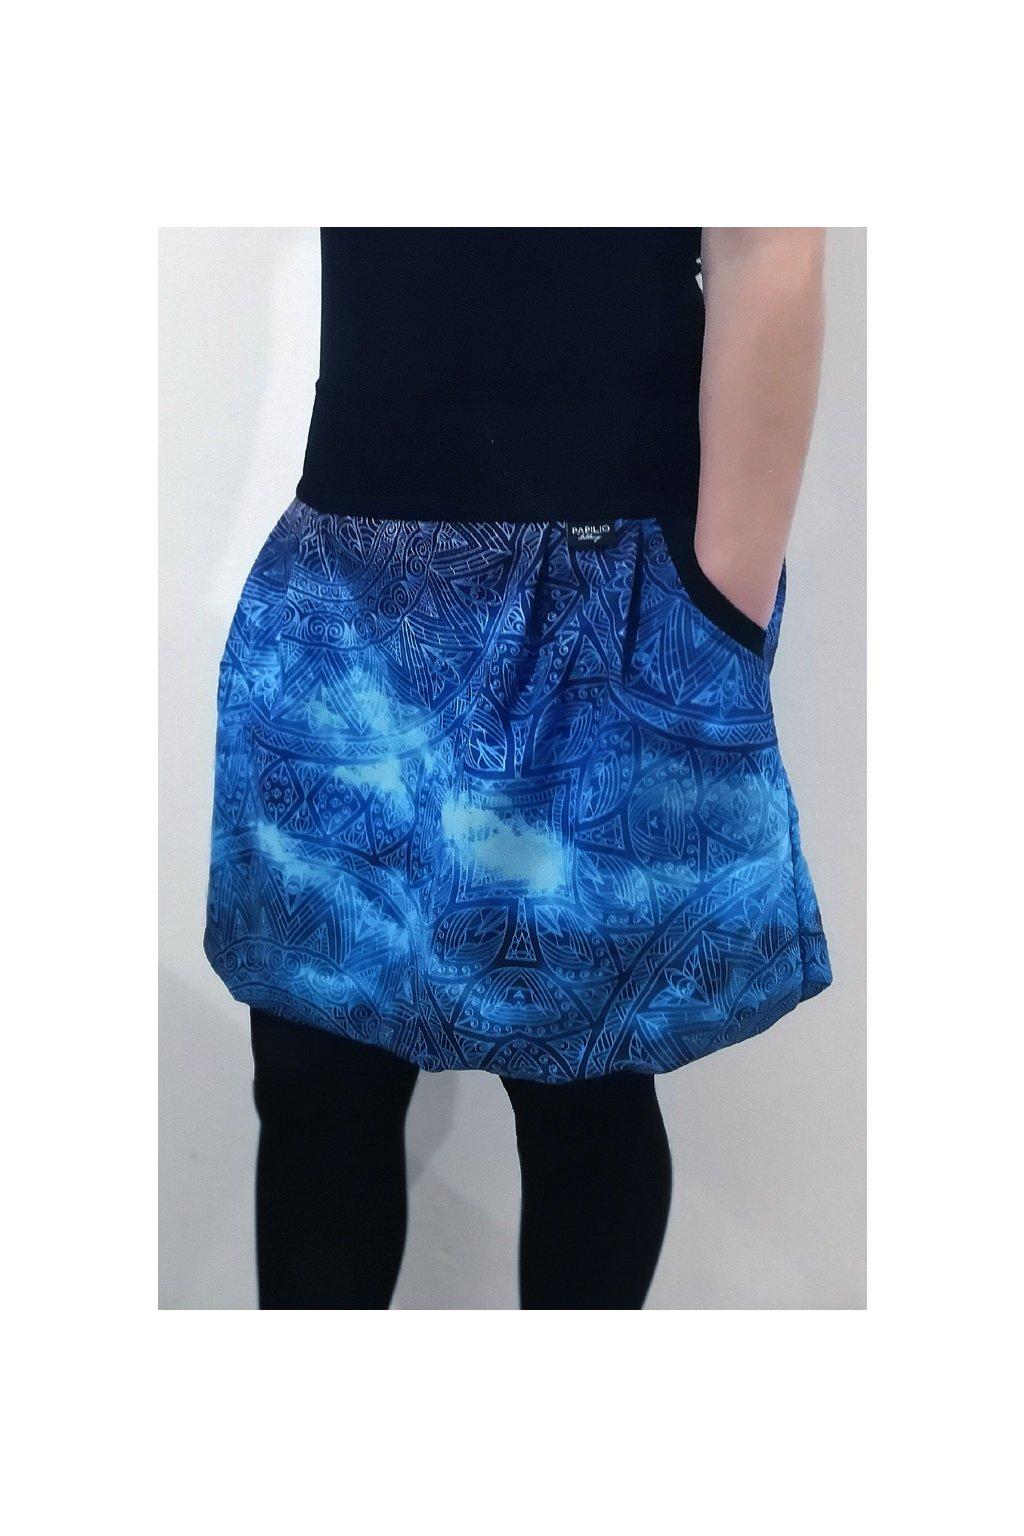 Balonová sukně Modrá mandala | micropeach